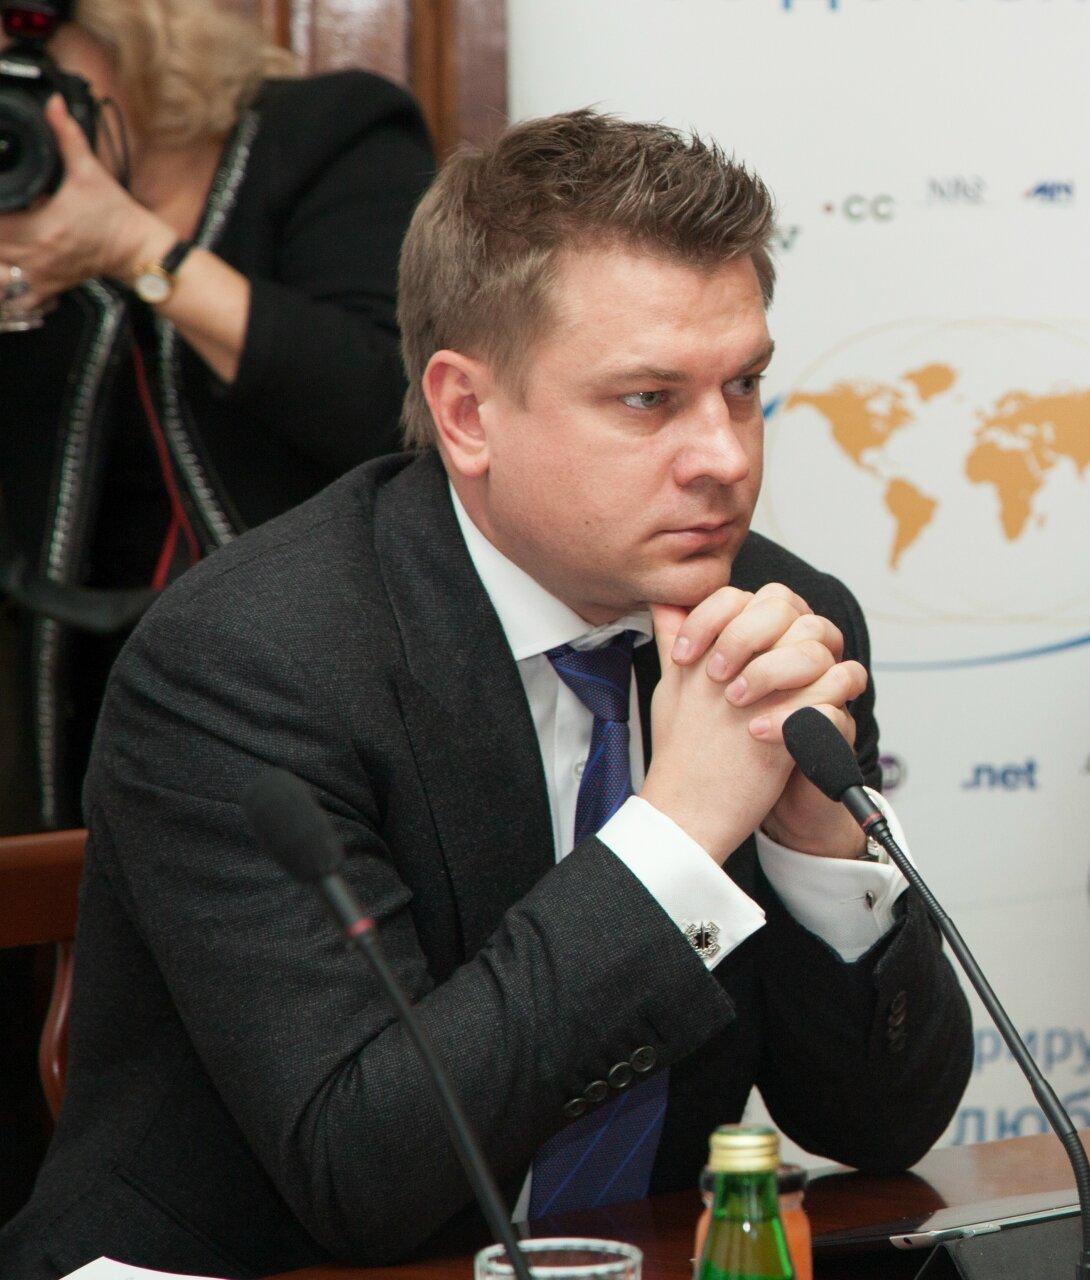 Алексей Сергеевич НАЩЕКИН – вице-президент по инновациям ОАО «Ростелеком»